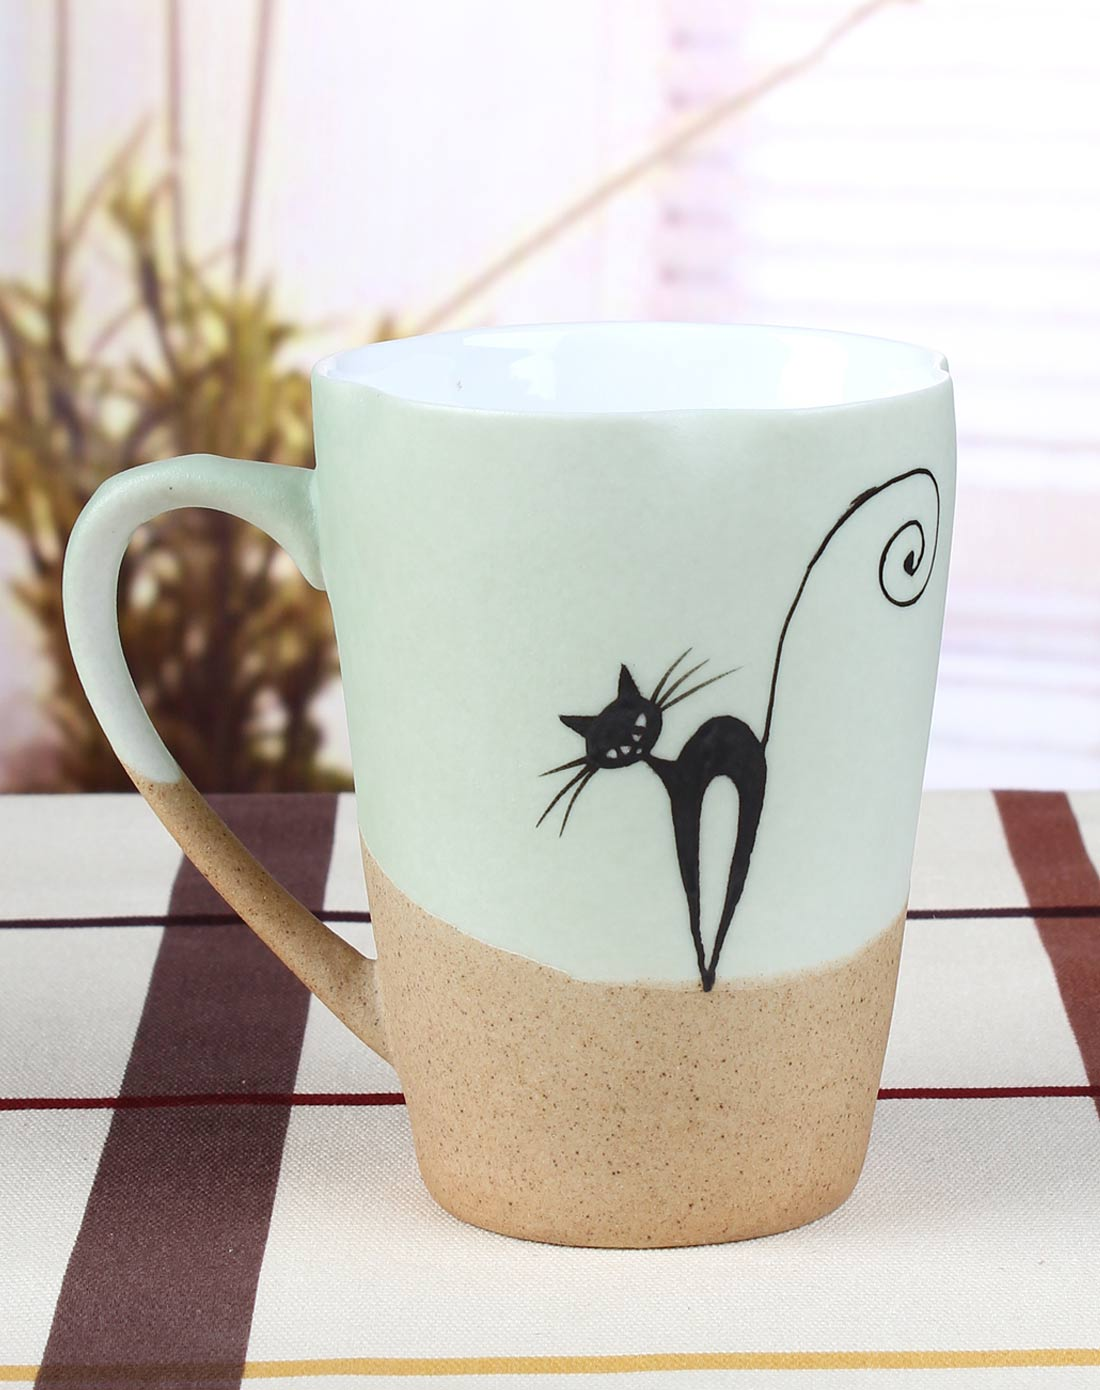 手绘陶瓷杯-可爱猫咪